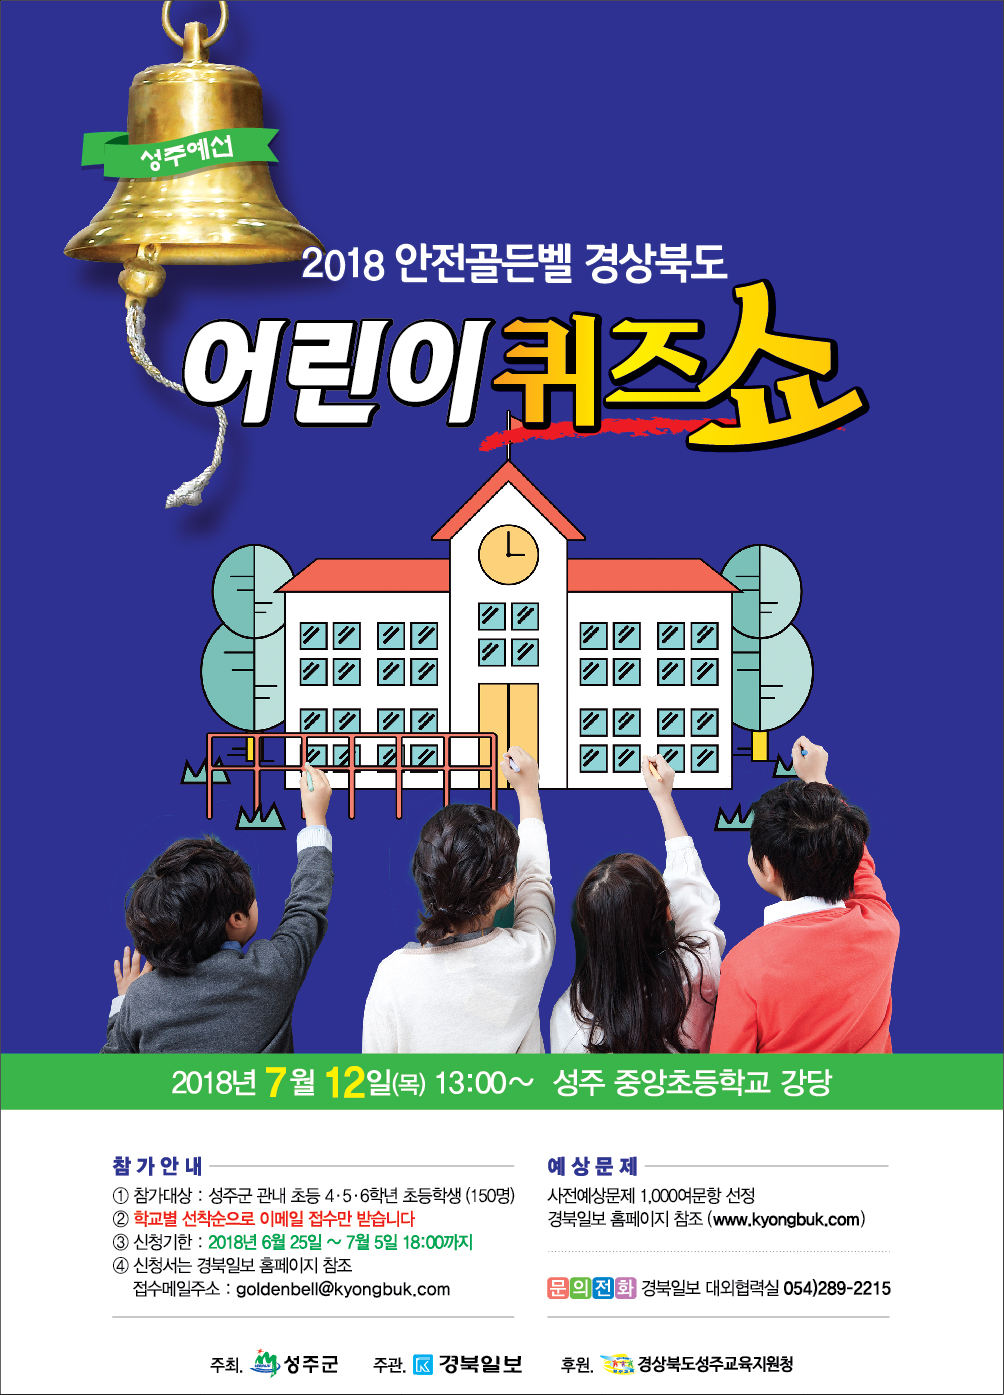 2018_안전골든벨 성주예선_pop.png